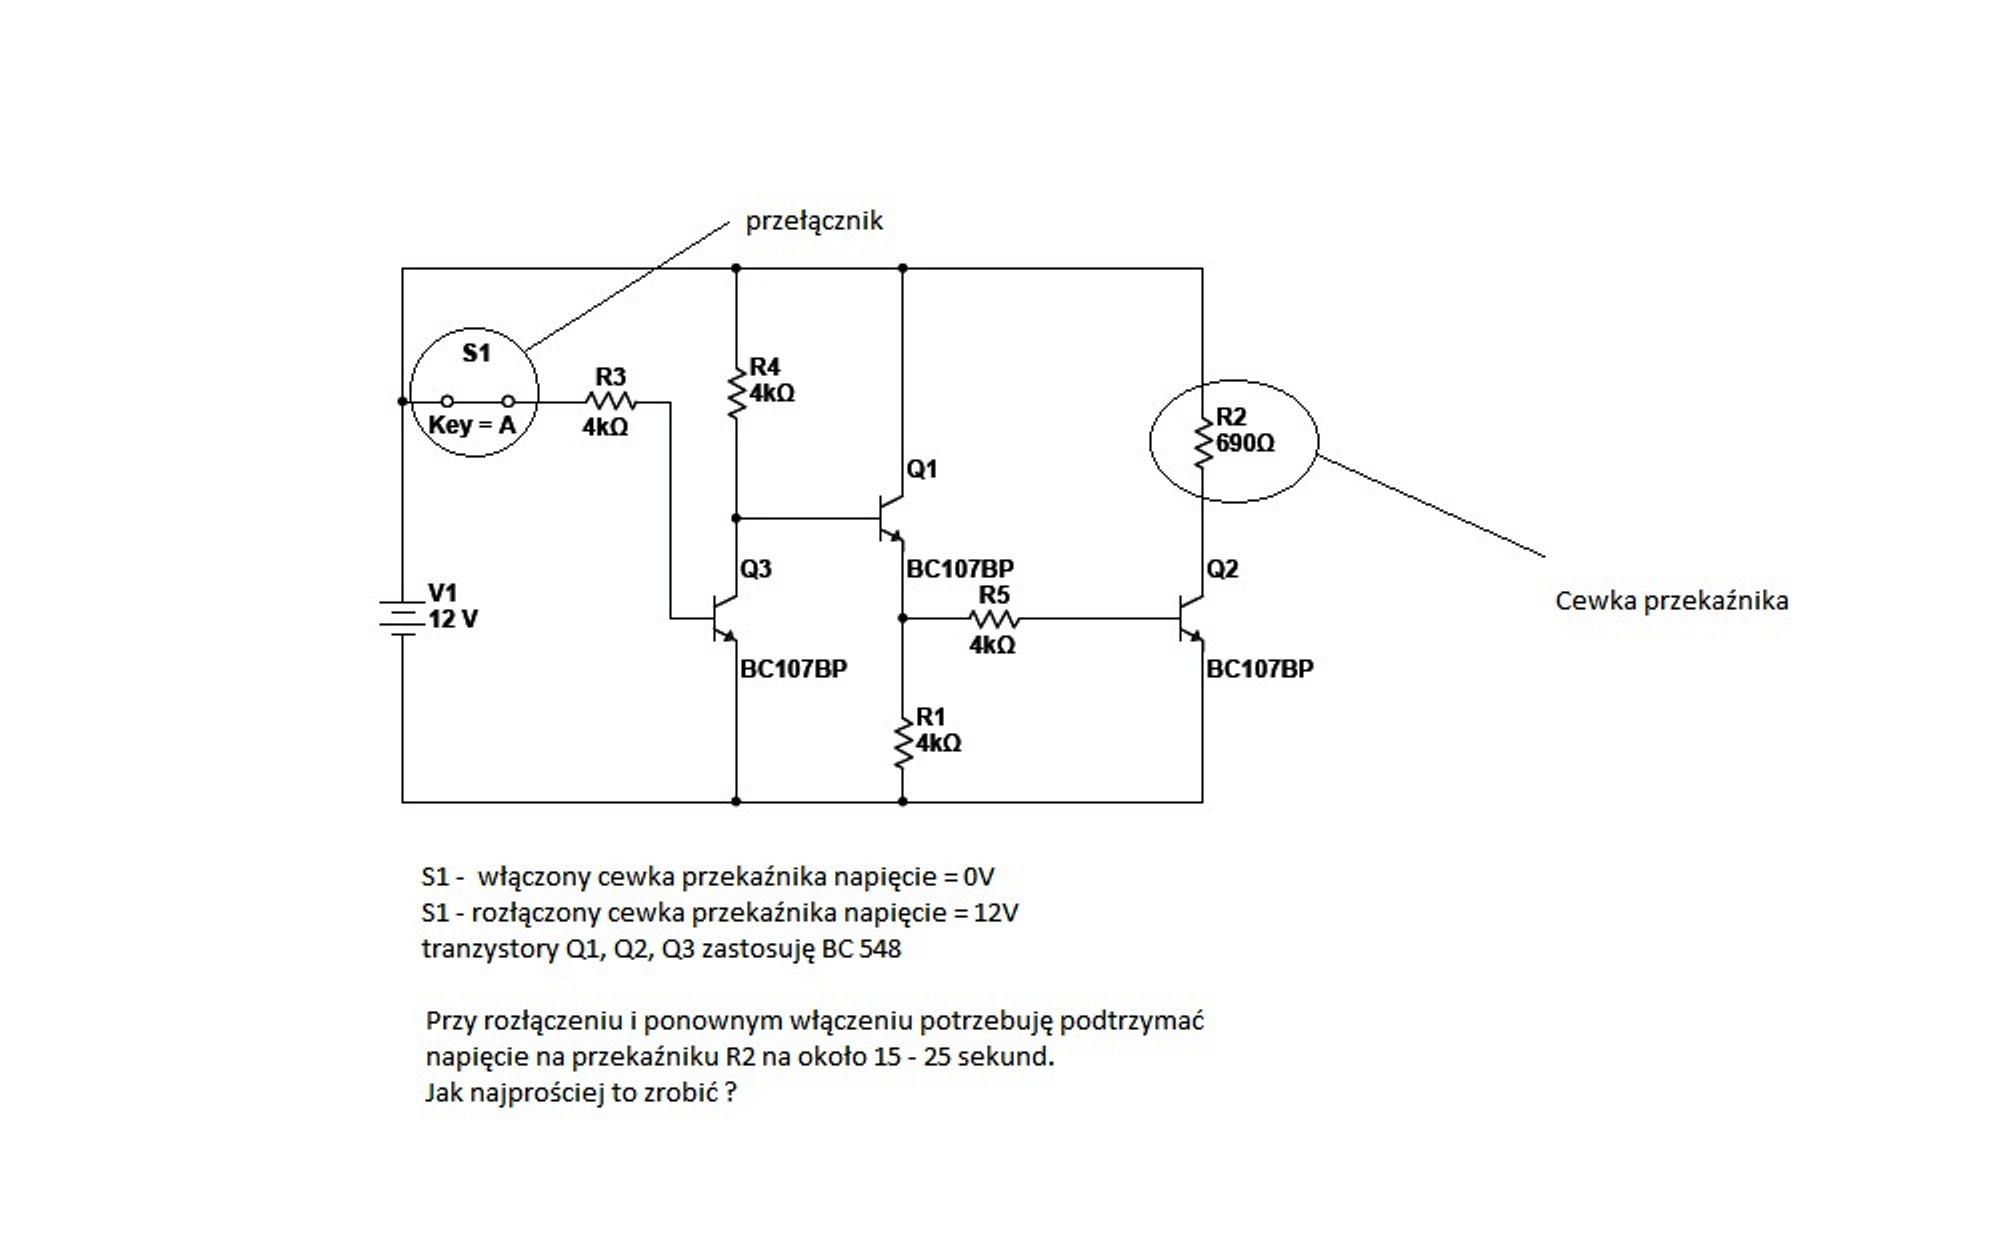 Tranzystorowe sterowanie przeka�nika - jak zrobi� op�nienie wy��czania